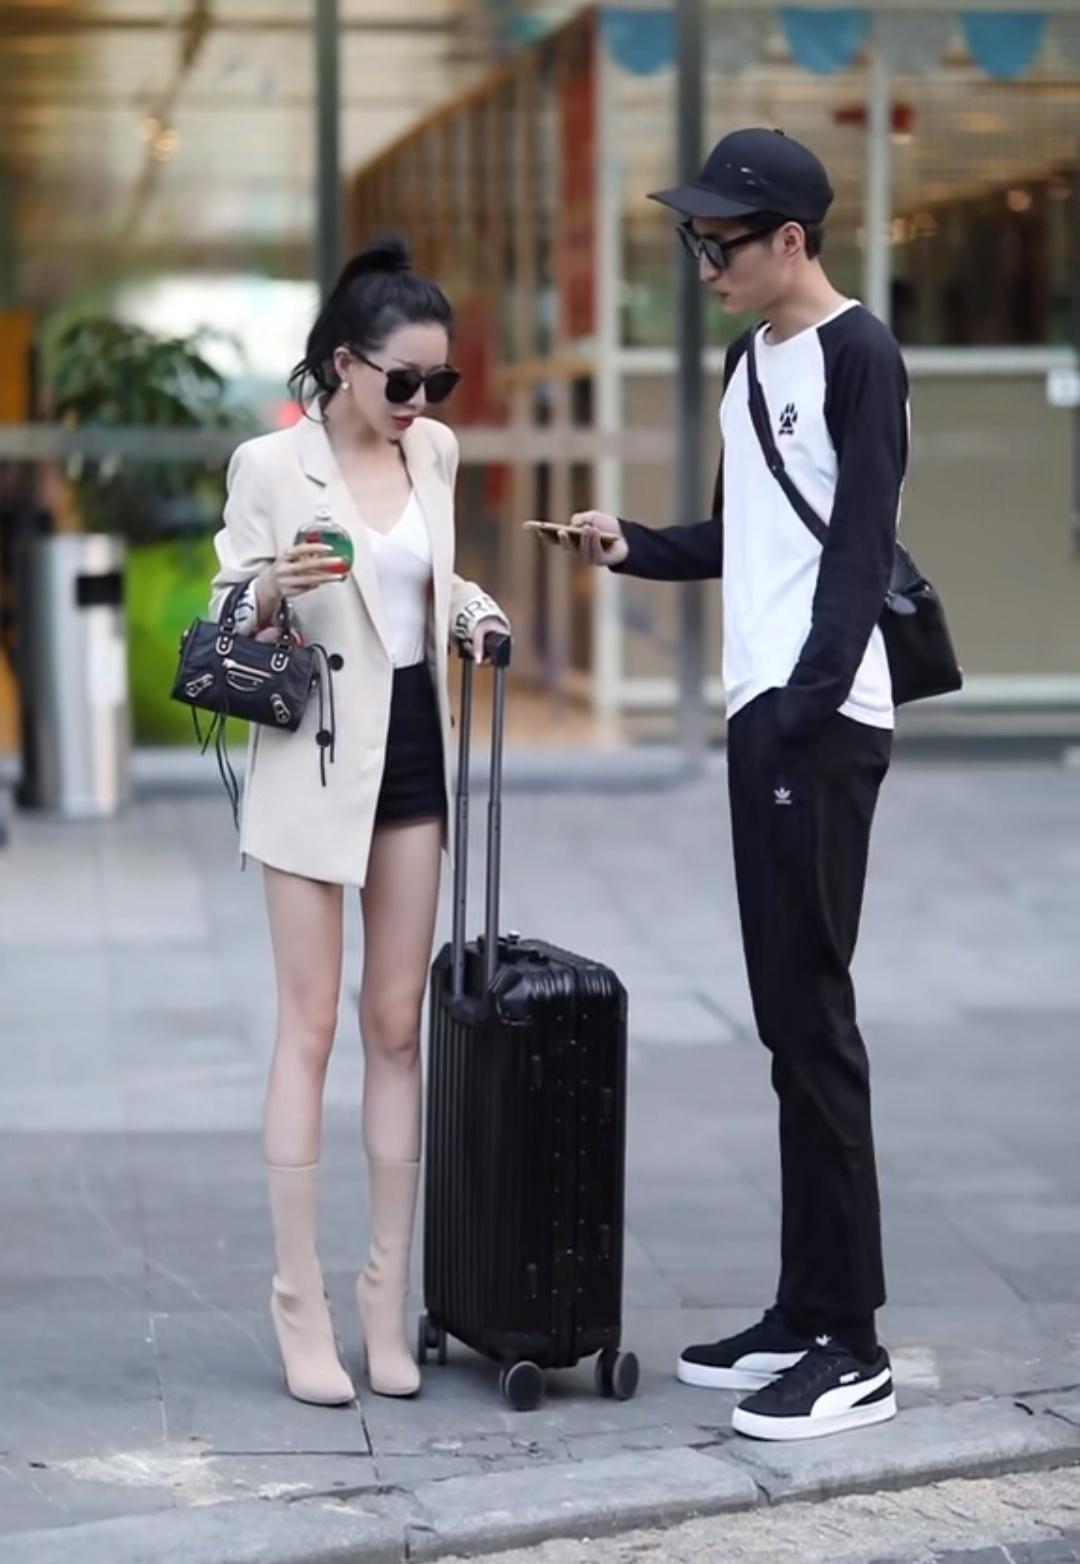 女生比男生矮这么多,为何腿比他长?看到鞋子的那一刻秒懂了!